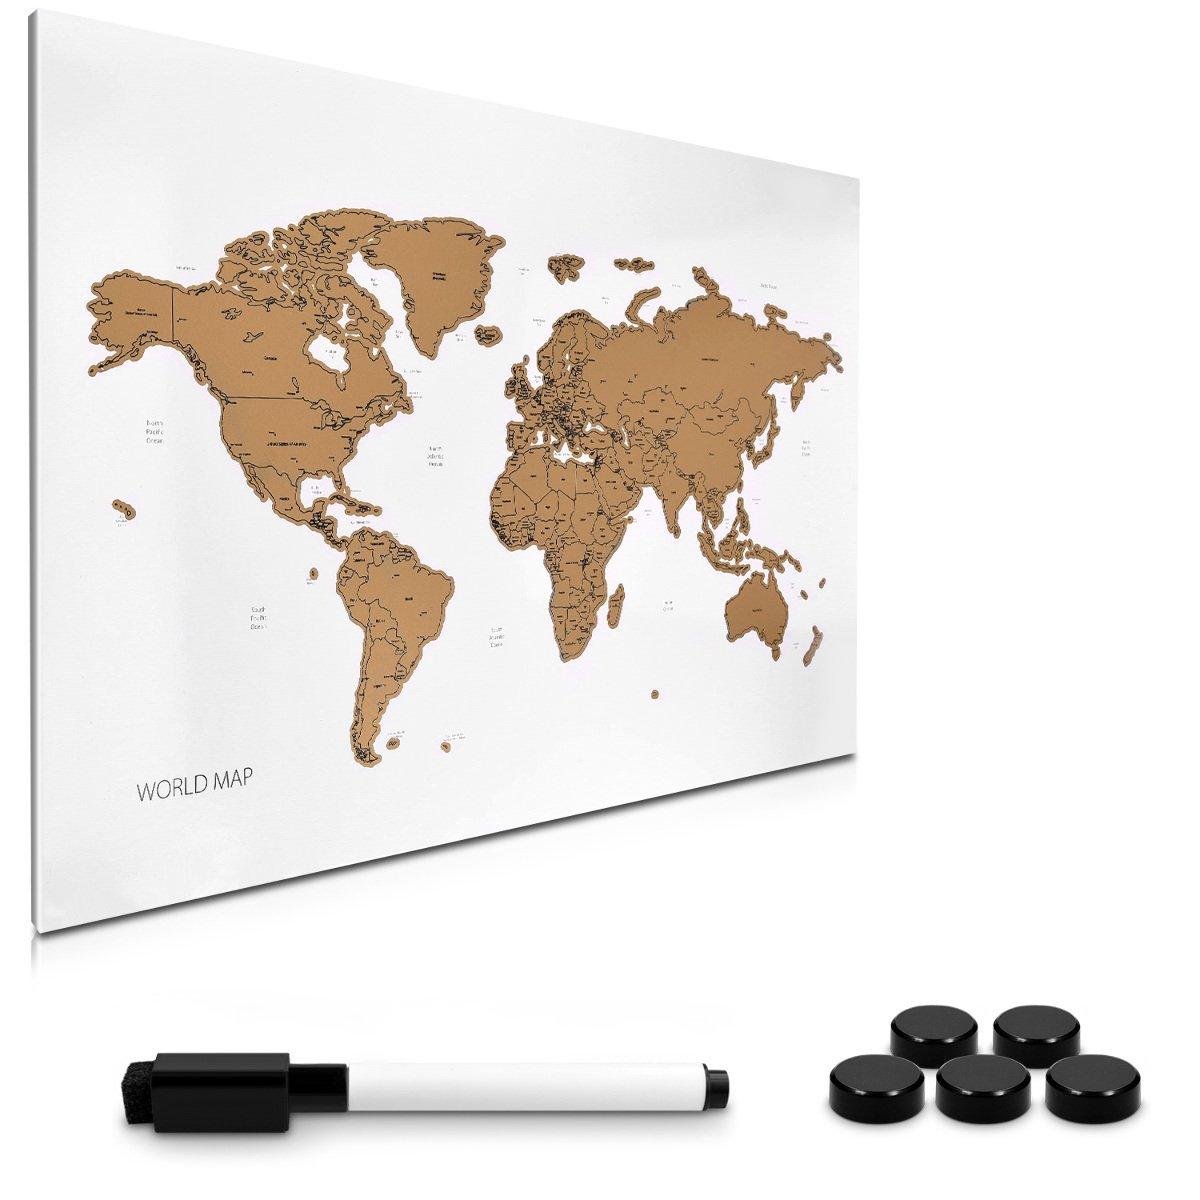 Navaris Tablero de Notas de para rascar - Pizarra magnética con Mapa del Mundo 60x40CM - En diseño de mapamundi - con imanes Marcador y Soporte: Amazon.es: Hogar